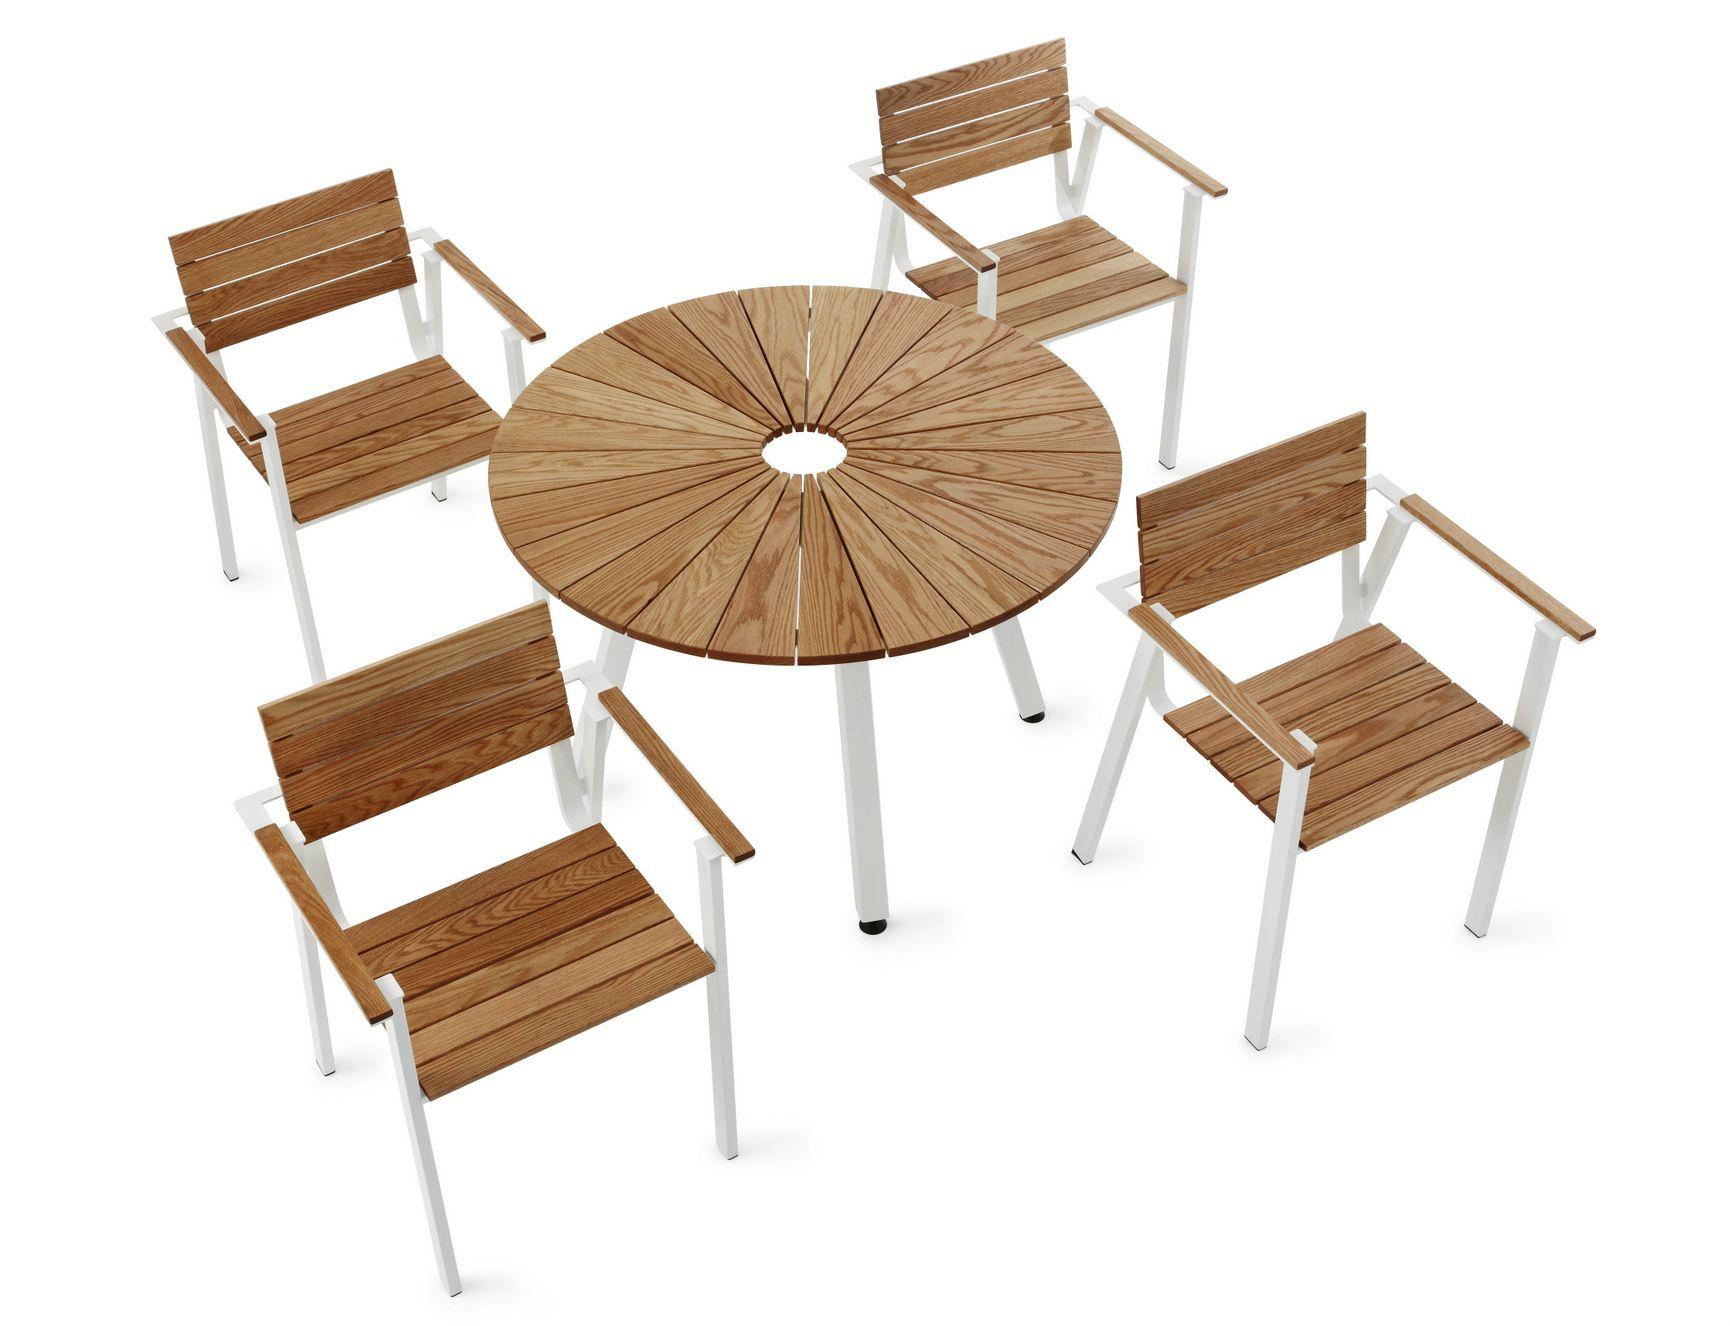 Table de jardin ronde en acier et bois collection sunset - Table jardin ronde bois ...